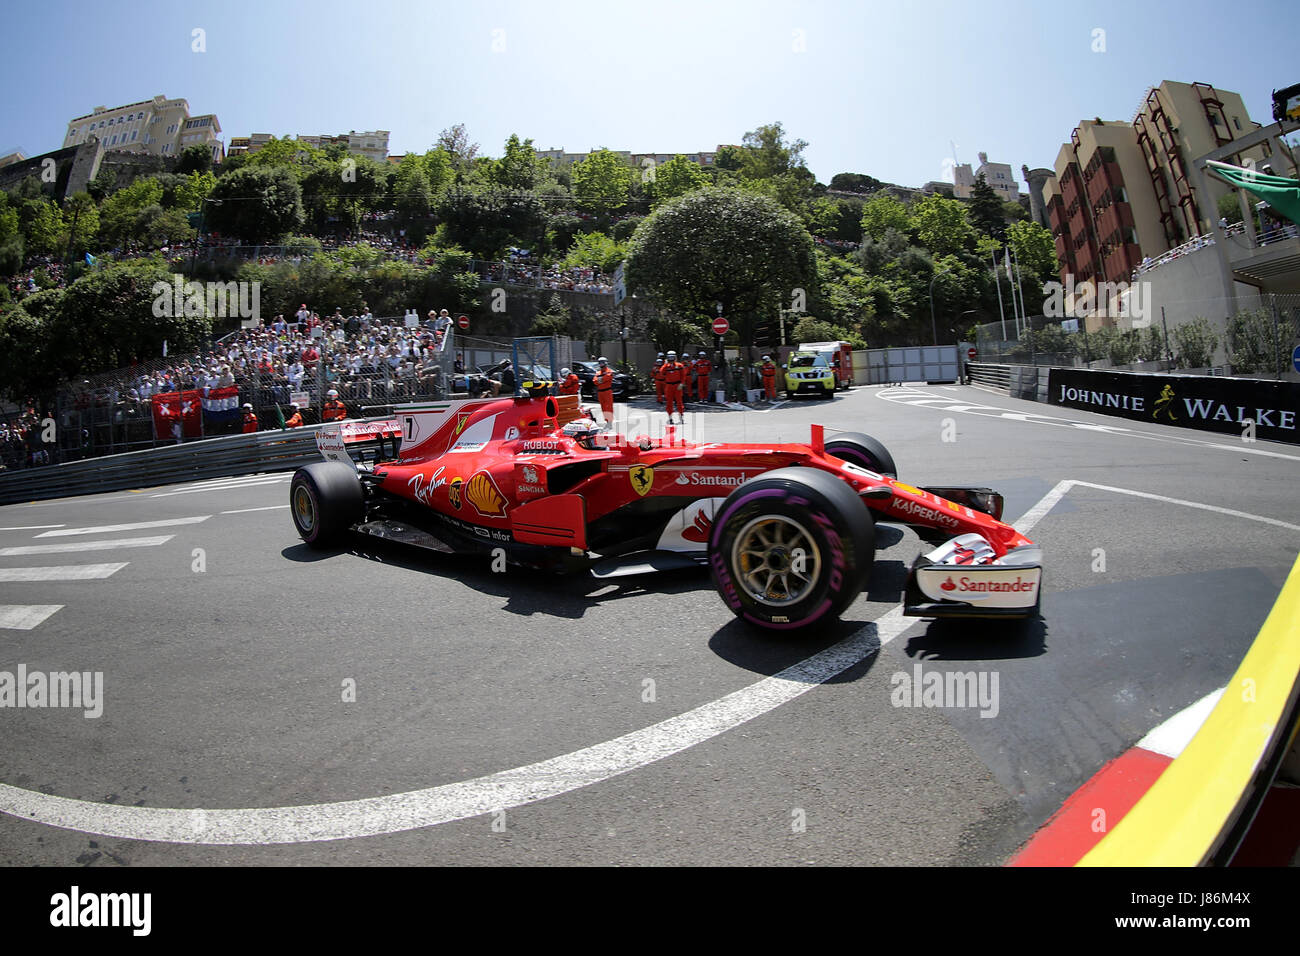 27.05.2017, Monaco Circuit, Monte Carlo, FORMULA 1 GRAND PRIX ...